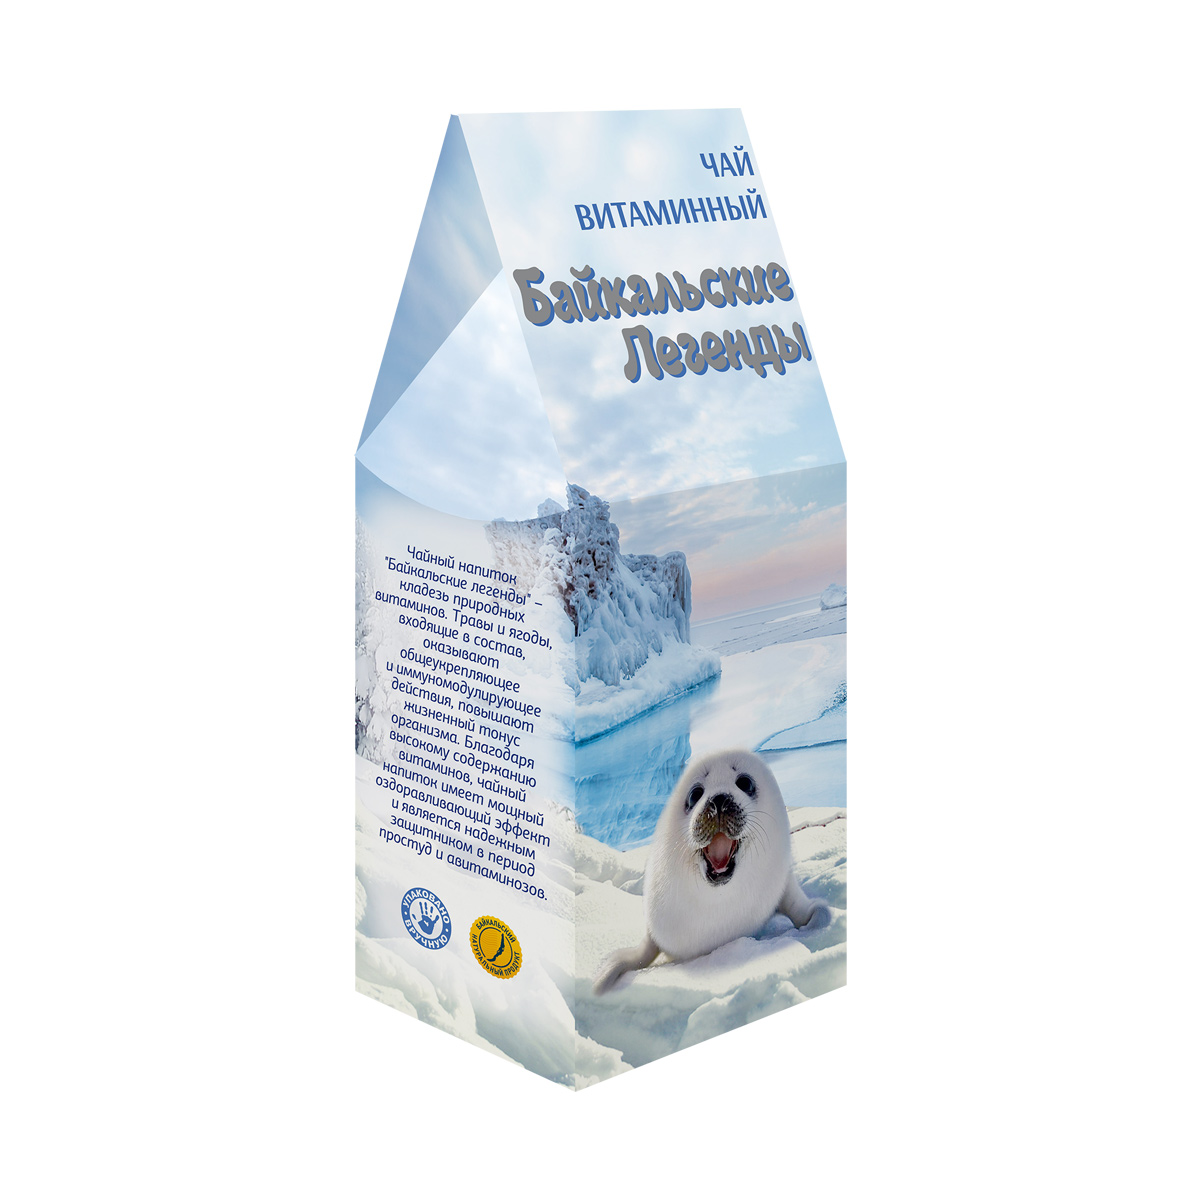 """Фиточай """"Байкальские легенды"""" в сувенирной коробке 100гр. (витаминный)"""